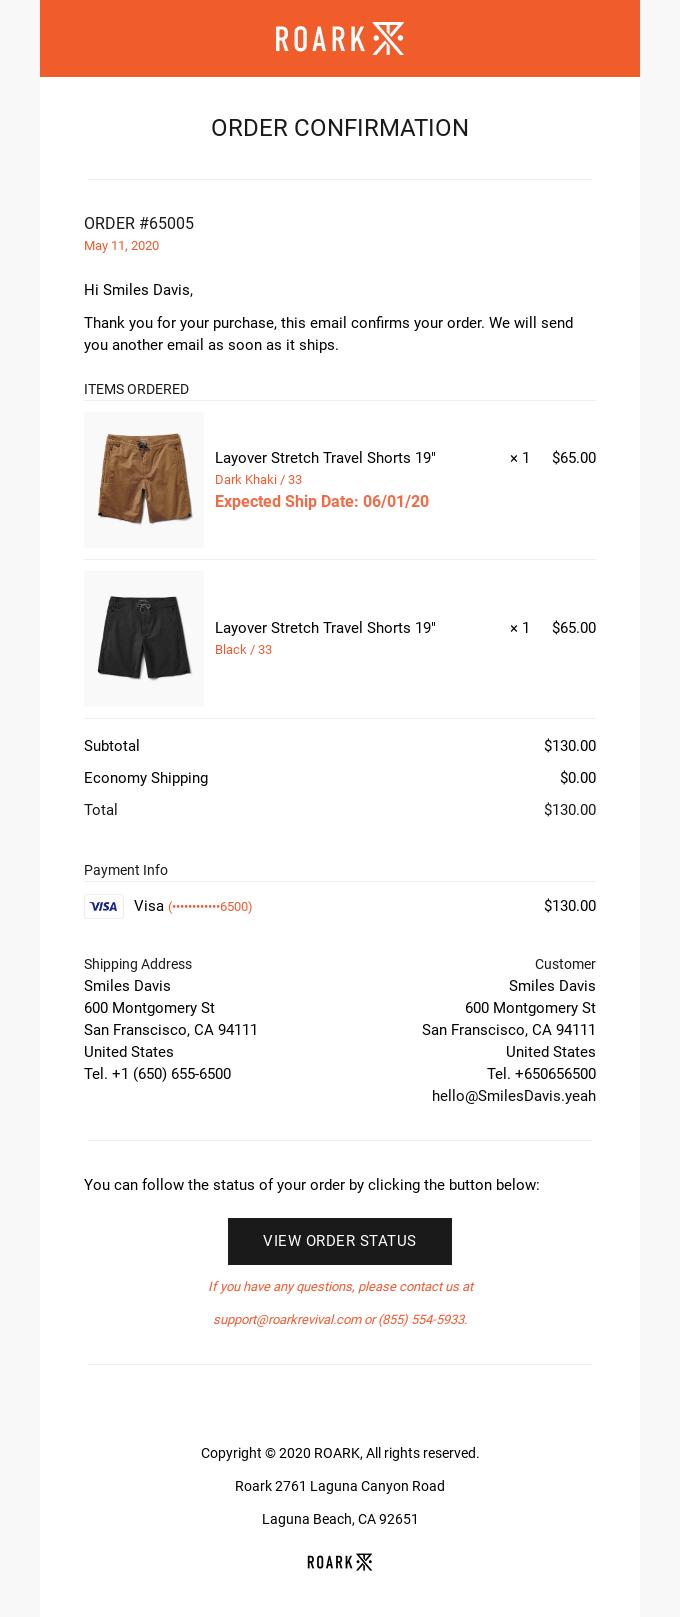 Order #65005 confirmed